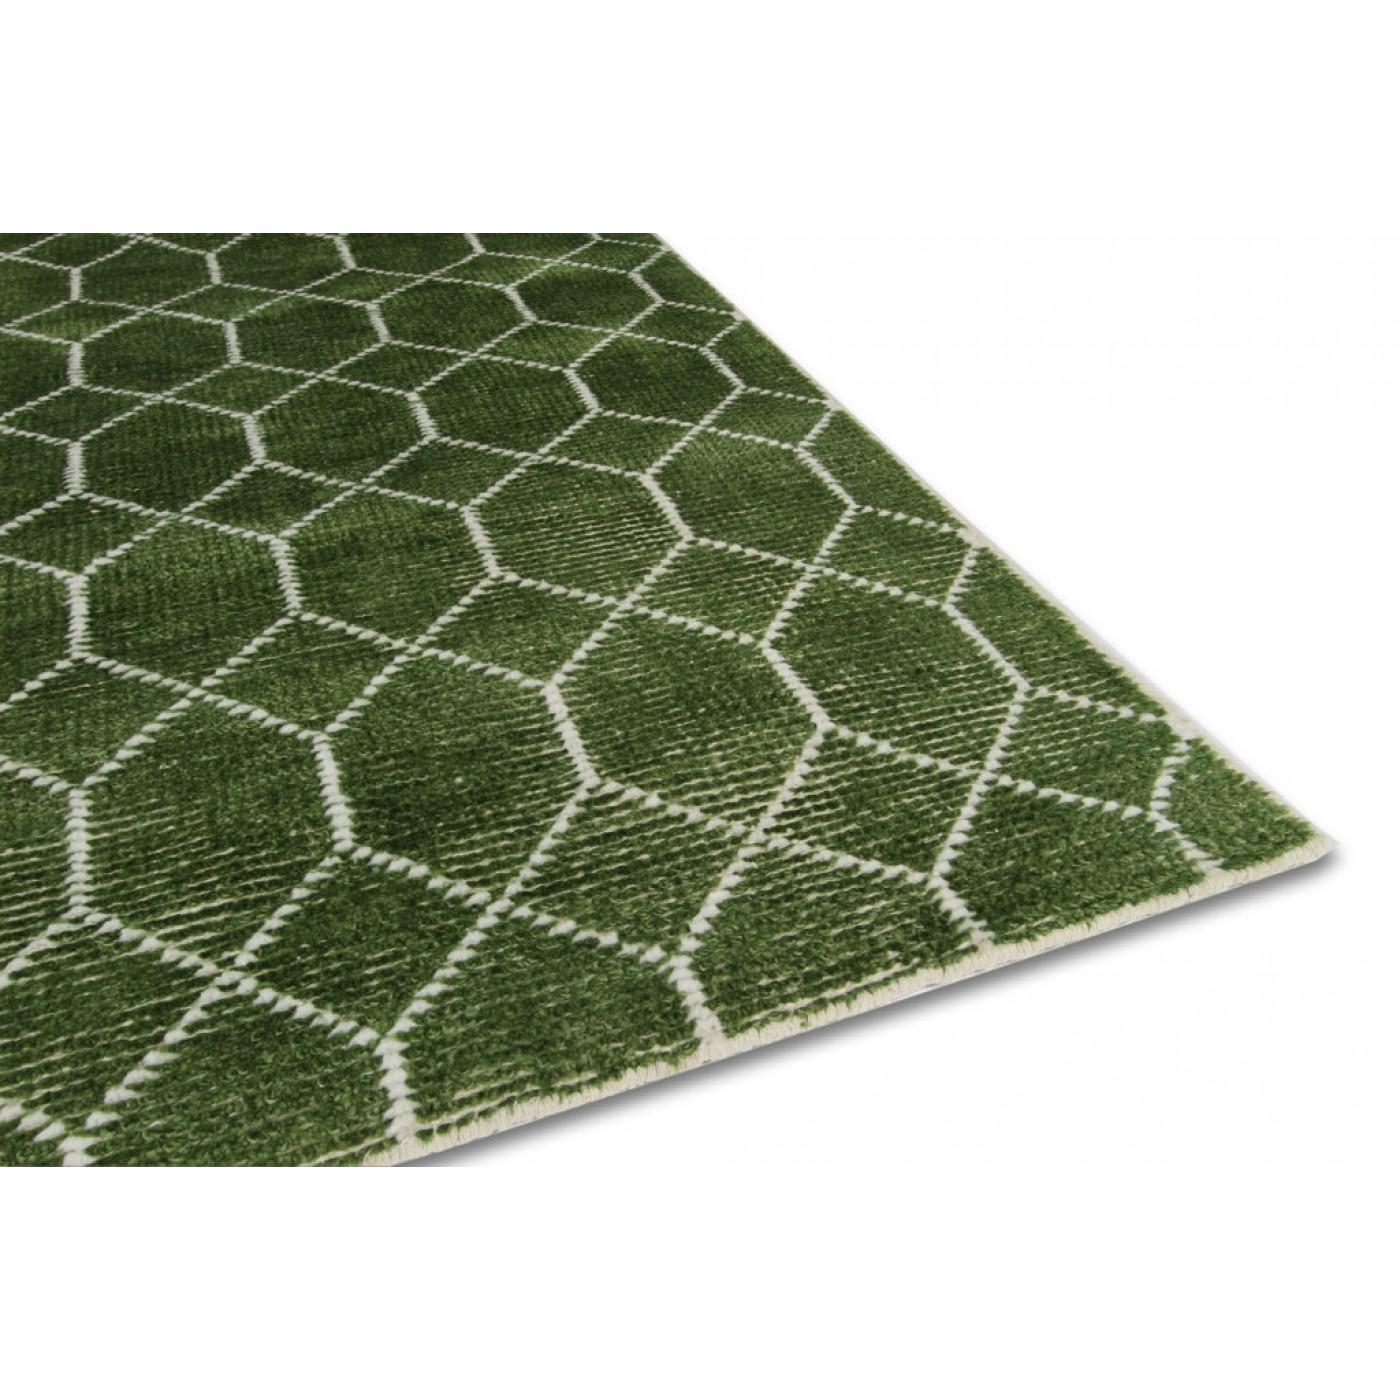 vloerkleed laatz army green